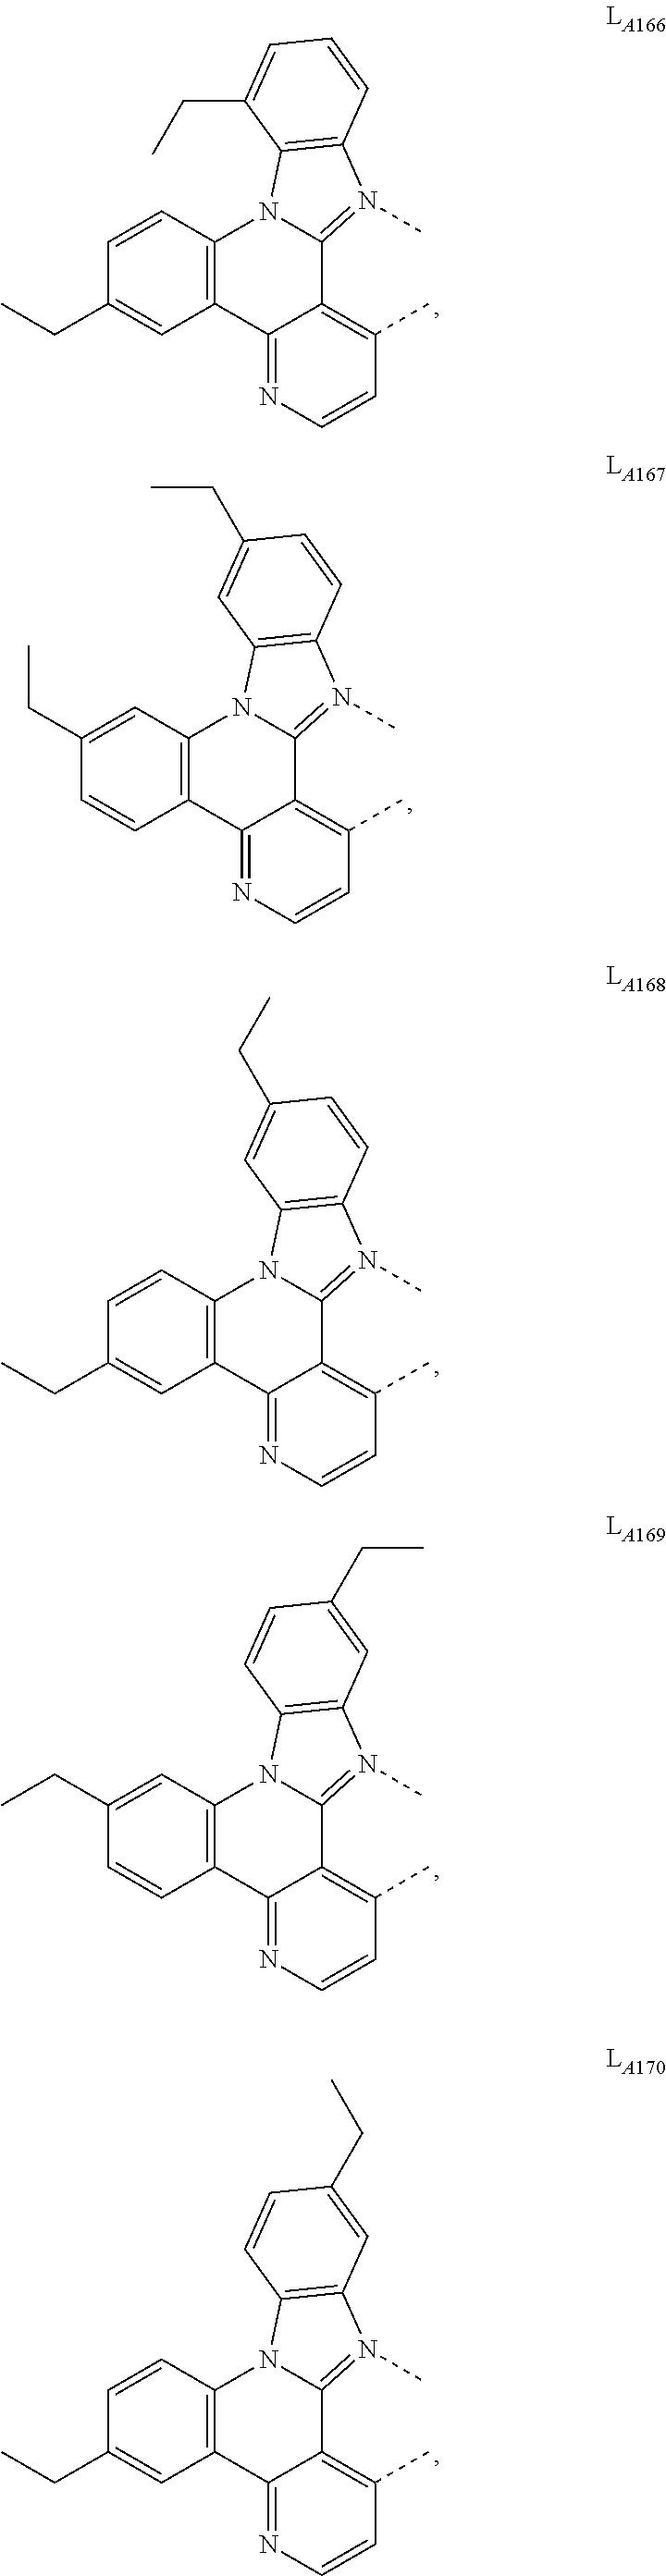 Figure US09905785-20180227-C00460